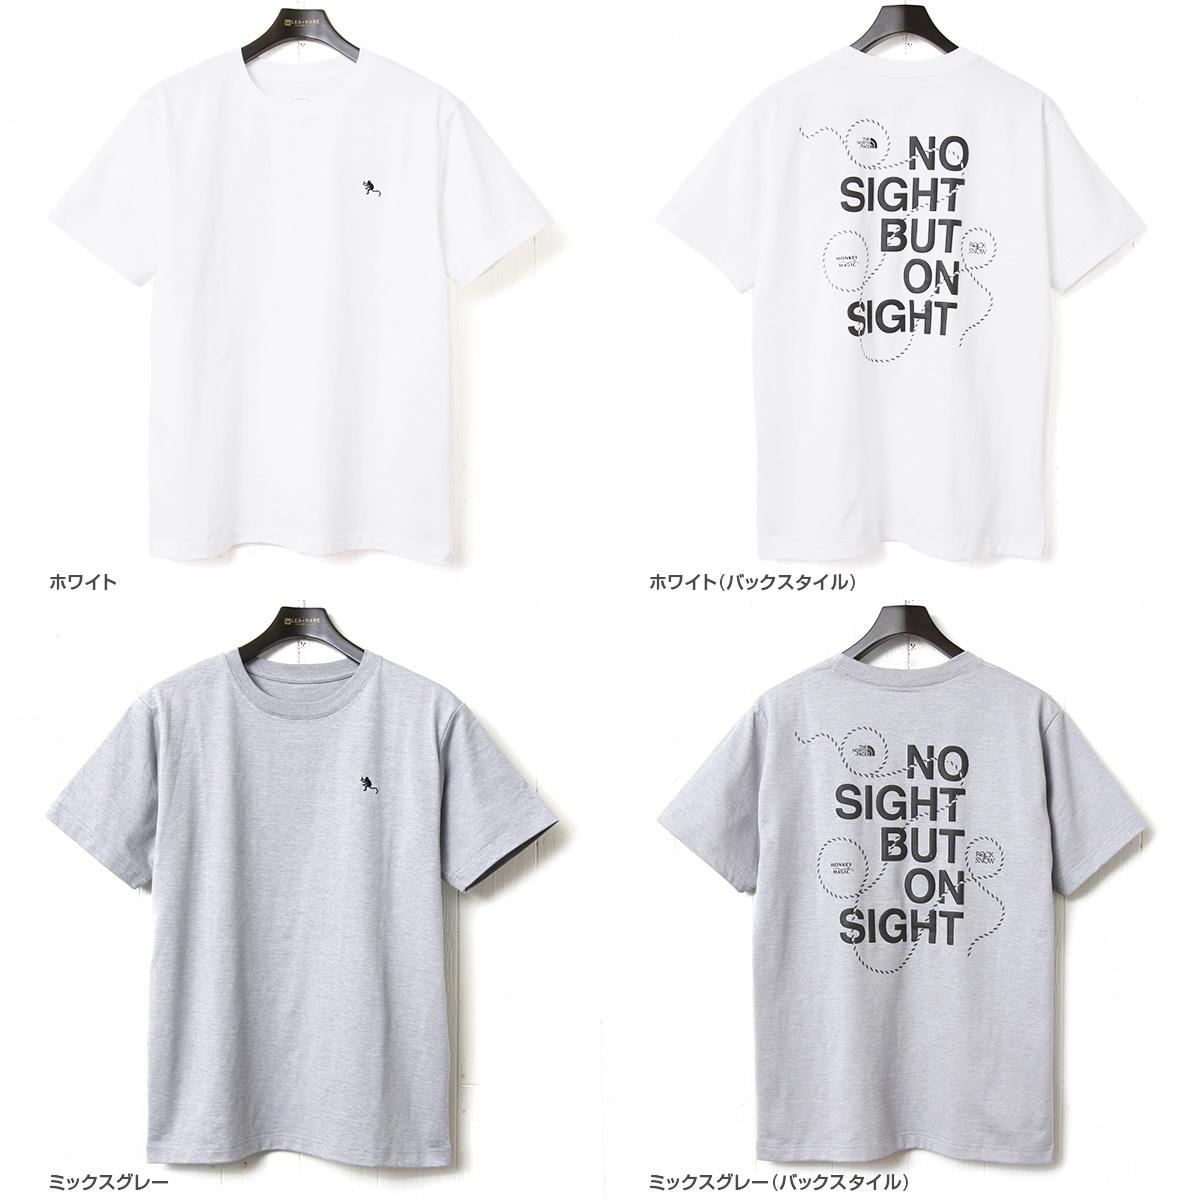 THE NORTH FACE ザ ノースフェイス ショートスリーブモンキーマジックティー 半袖Tシャツ NT31853